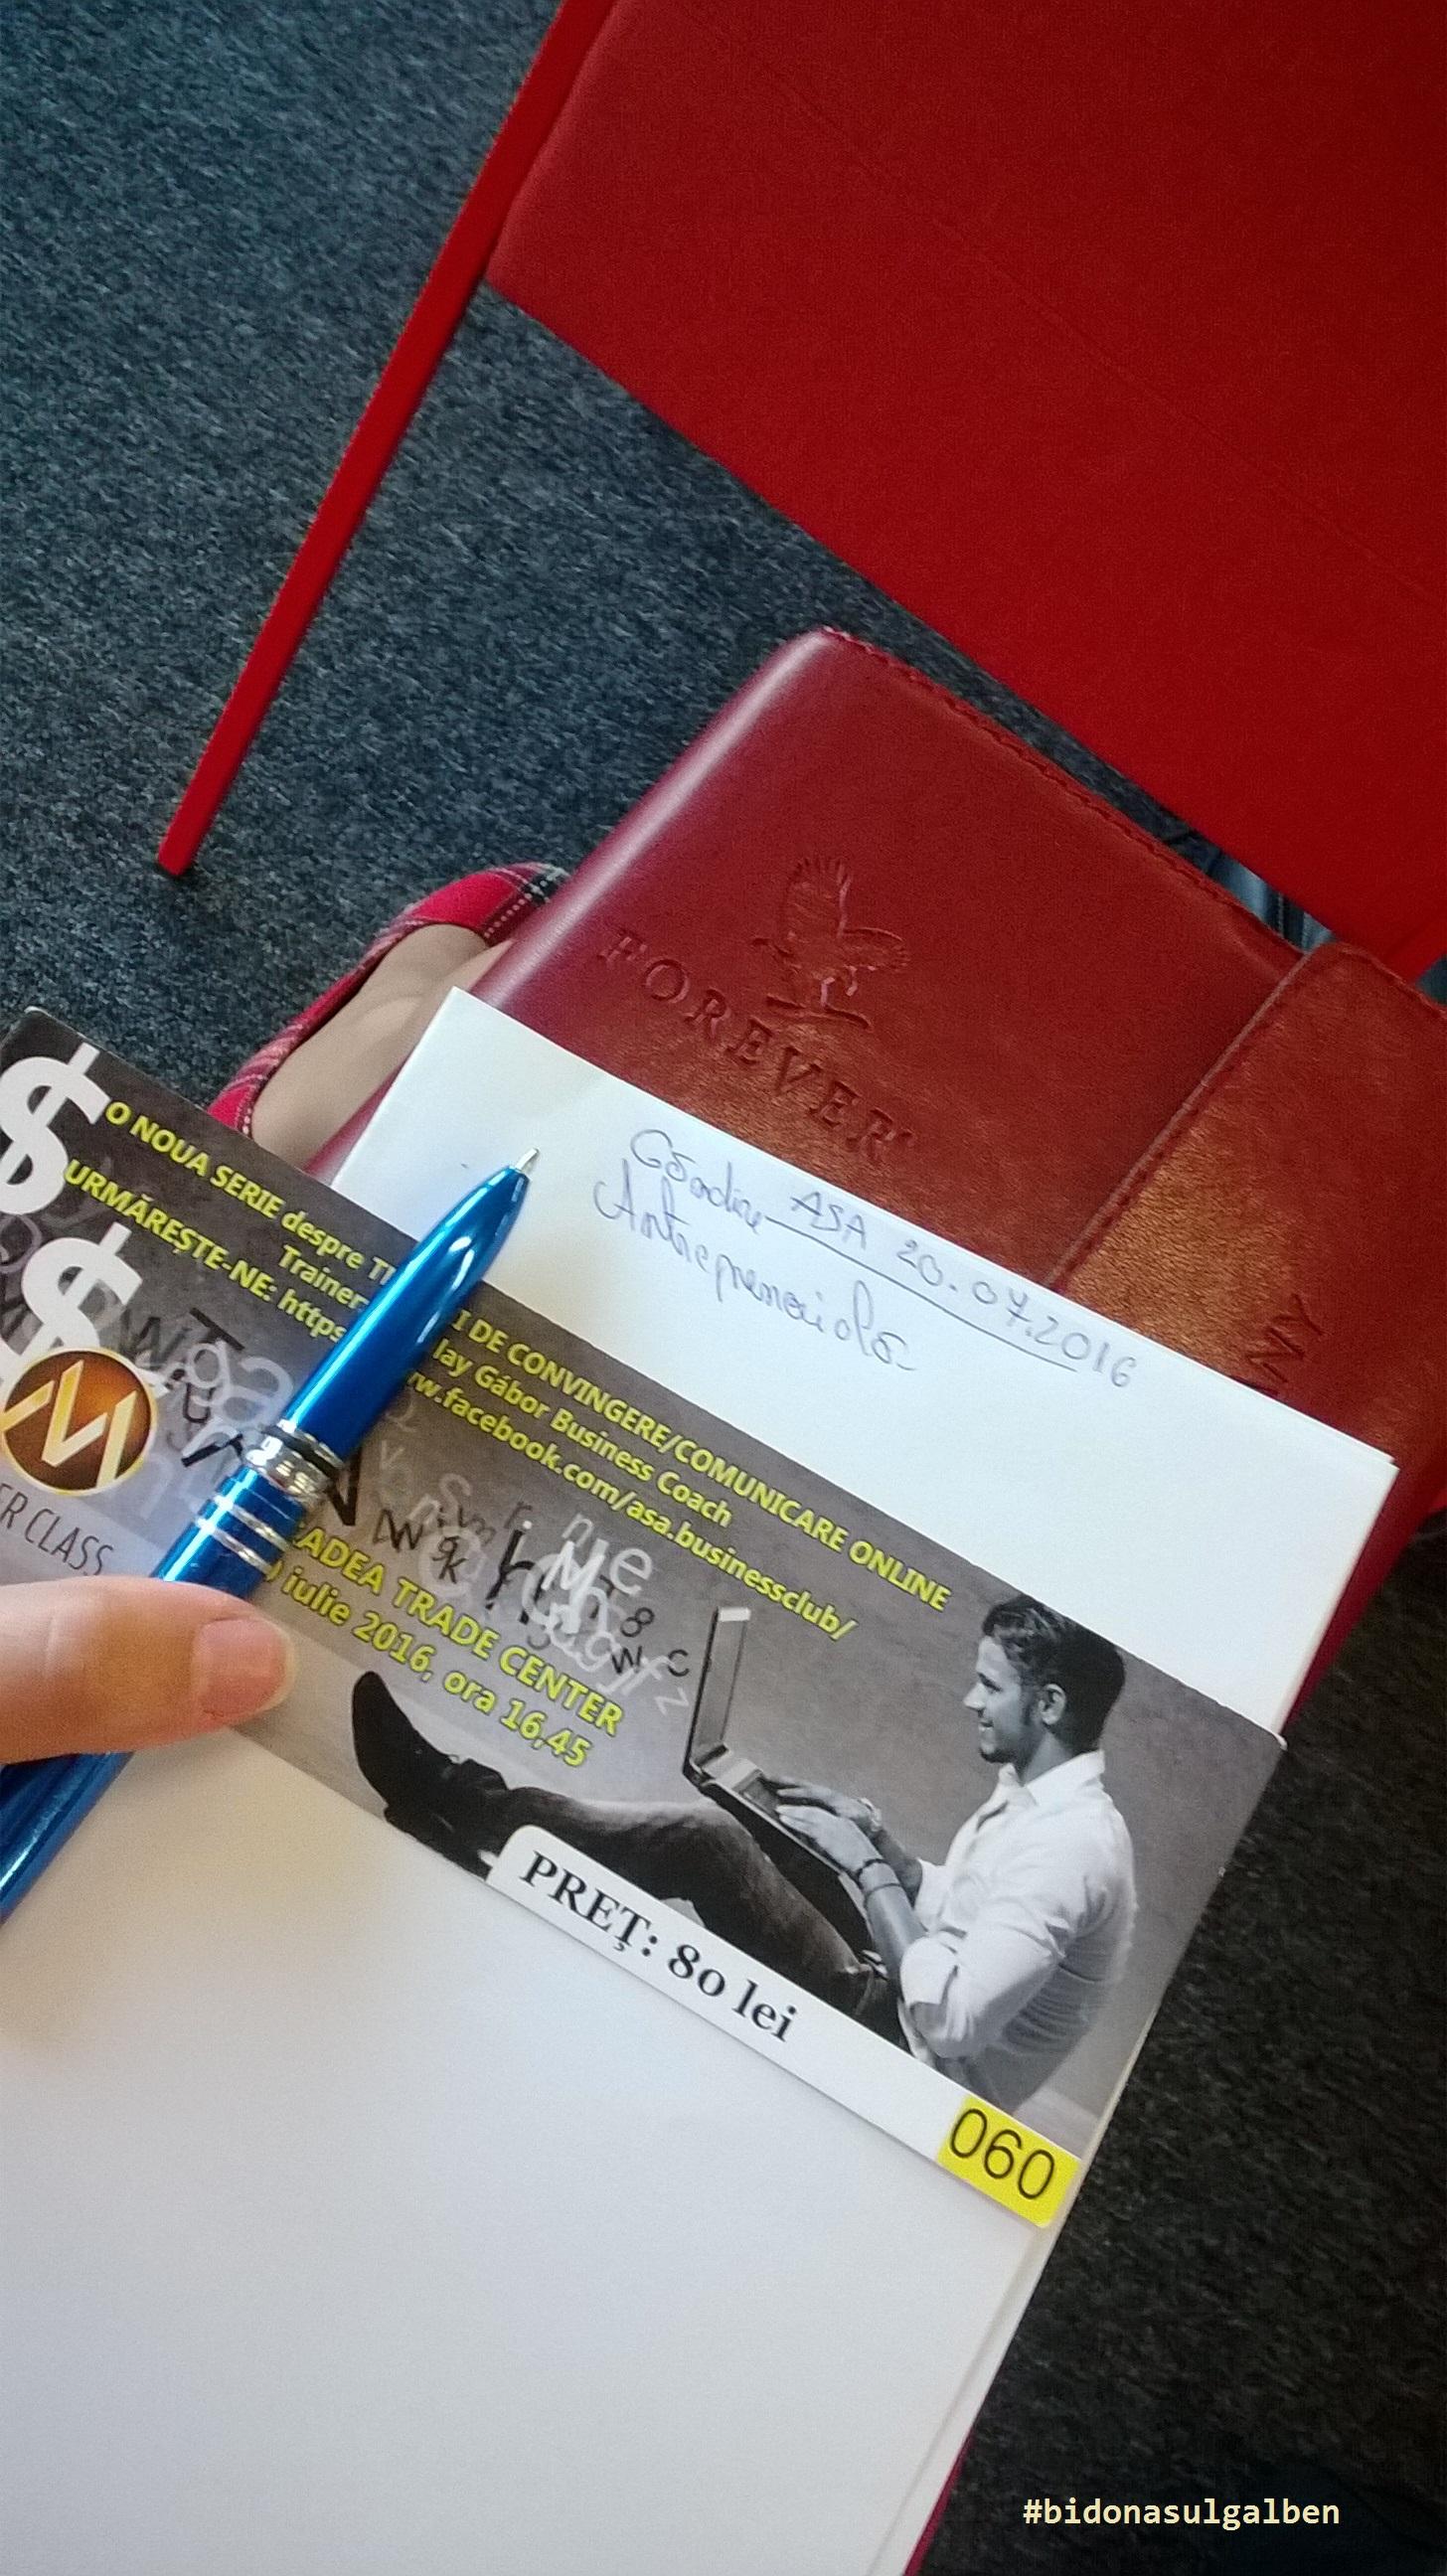 seminar dezvoltare personala oradea seminar online oradea aloe vera adrienne